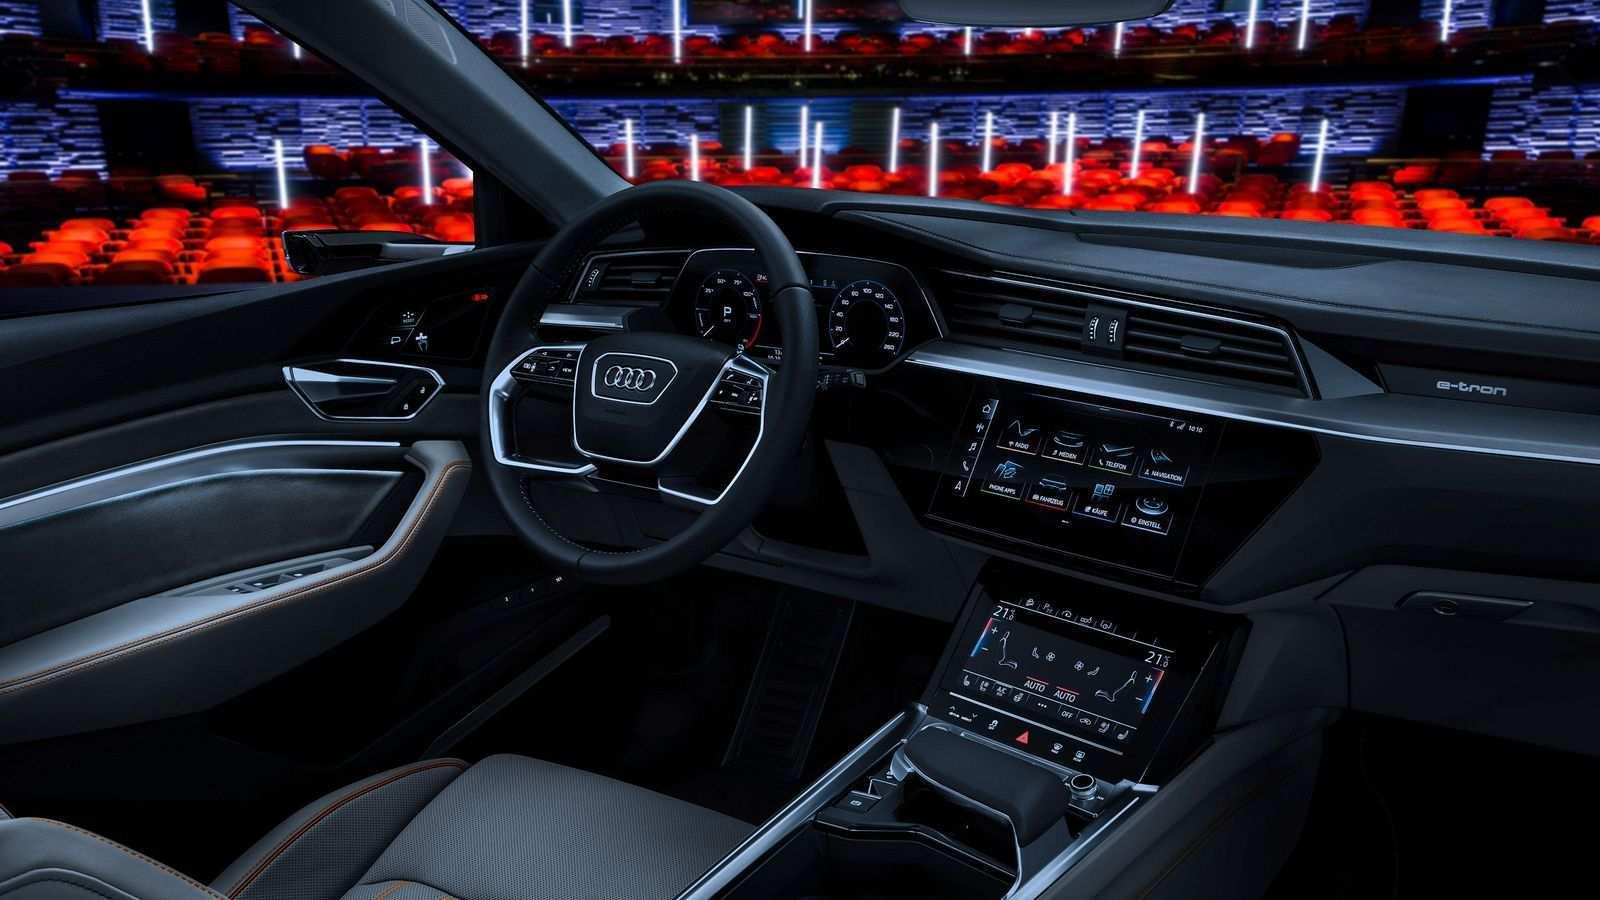 41 New 2020 Audi E Tron Pricing for 2020 Audi E Tron